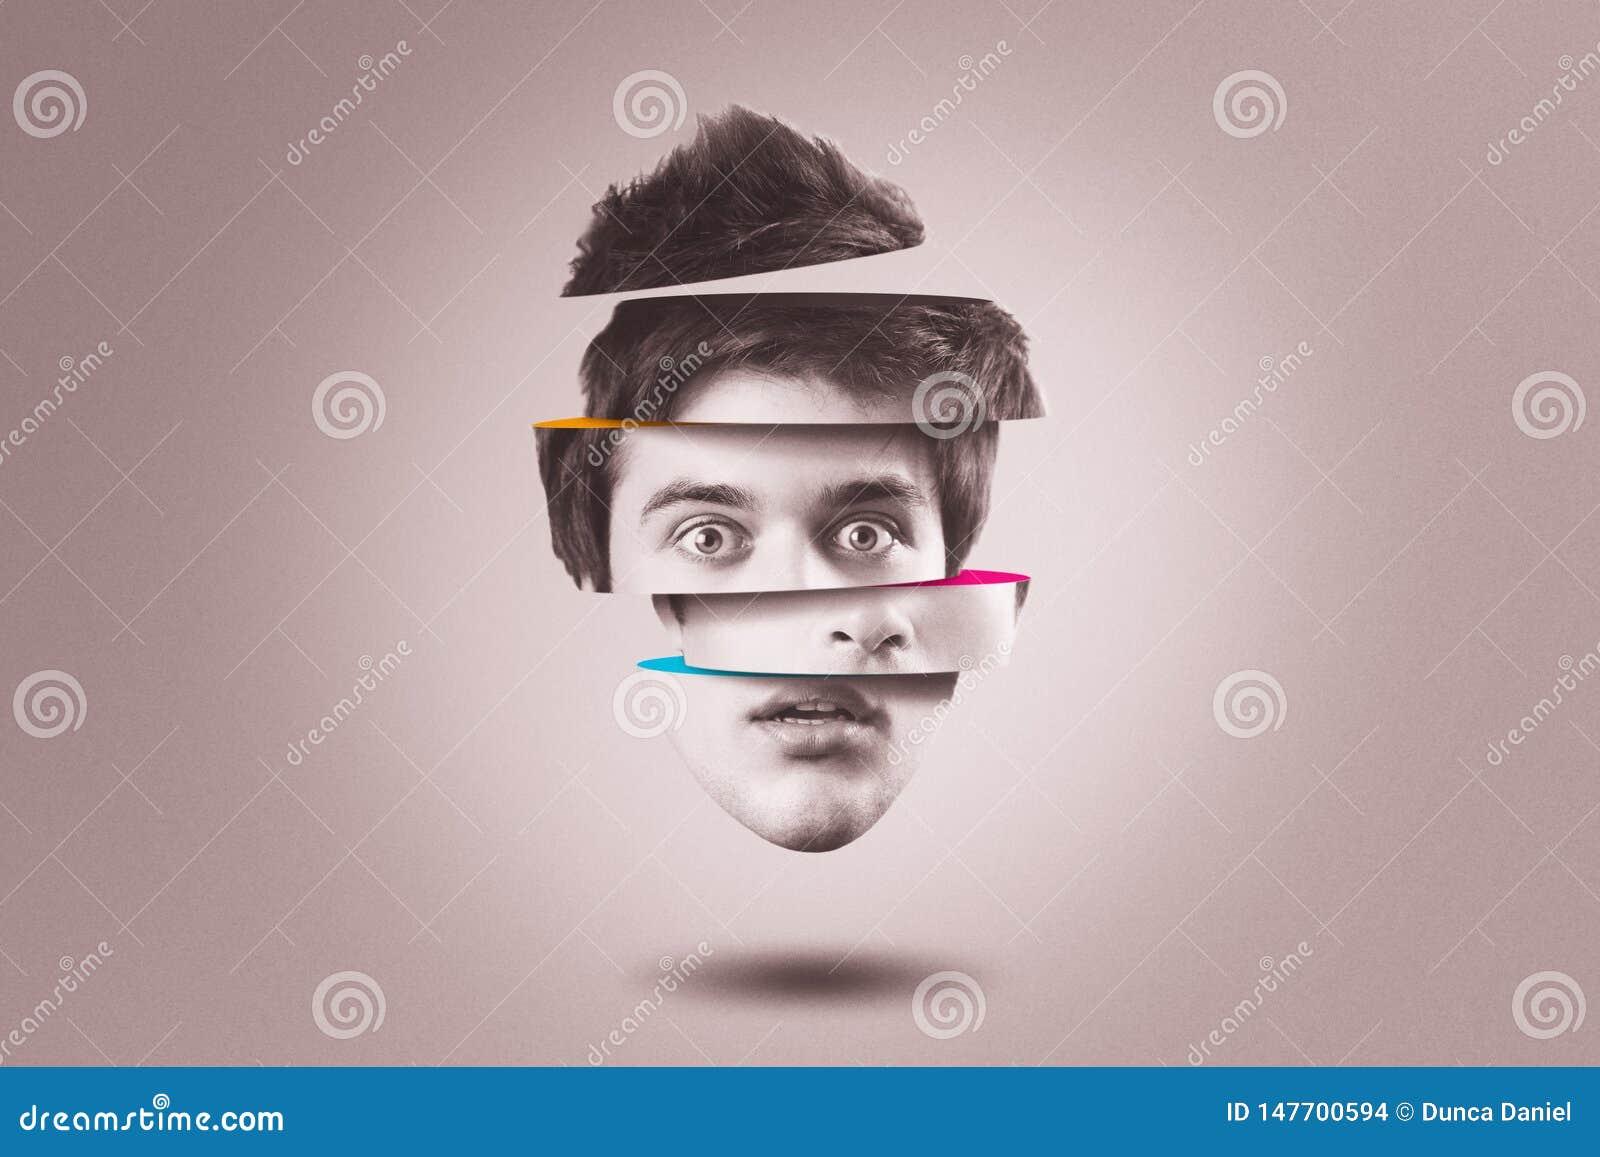 Διασπασμένη έννοια προσωπικότητας Απομονωμένο κεφάλι διακοπής του προσώπου με την αναταραχή πνευματικών υγειών